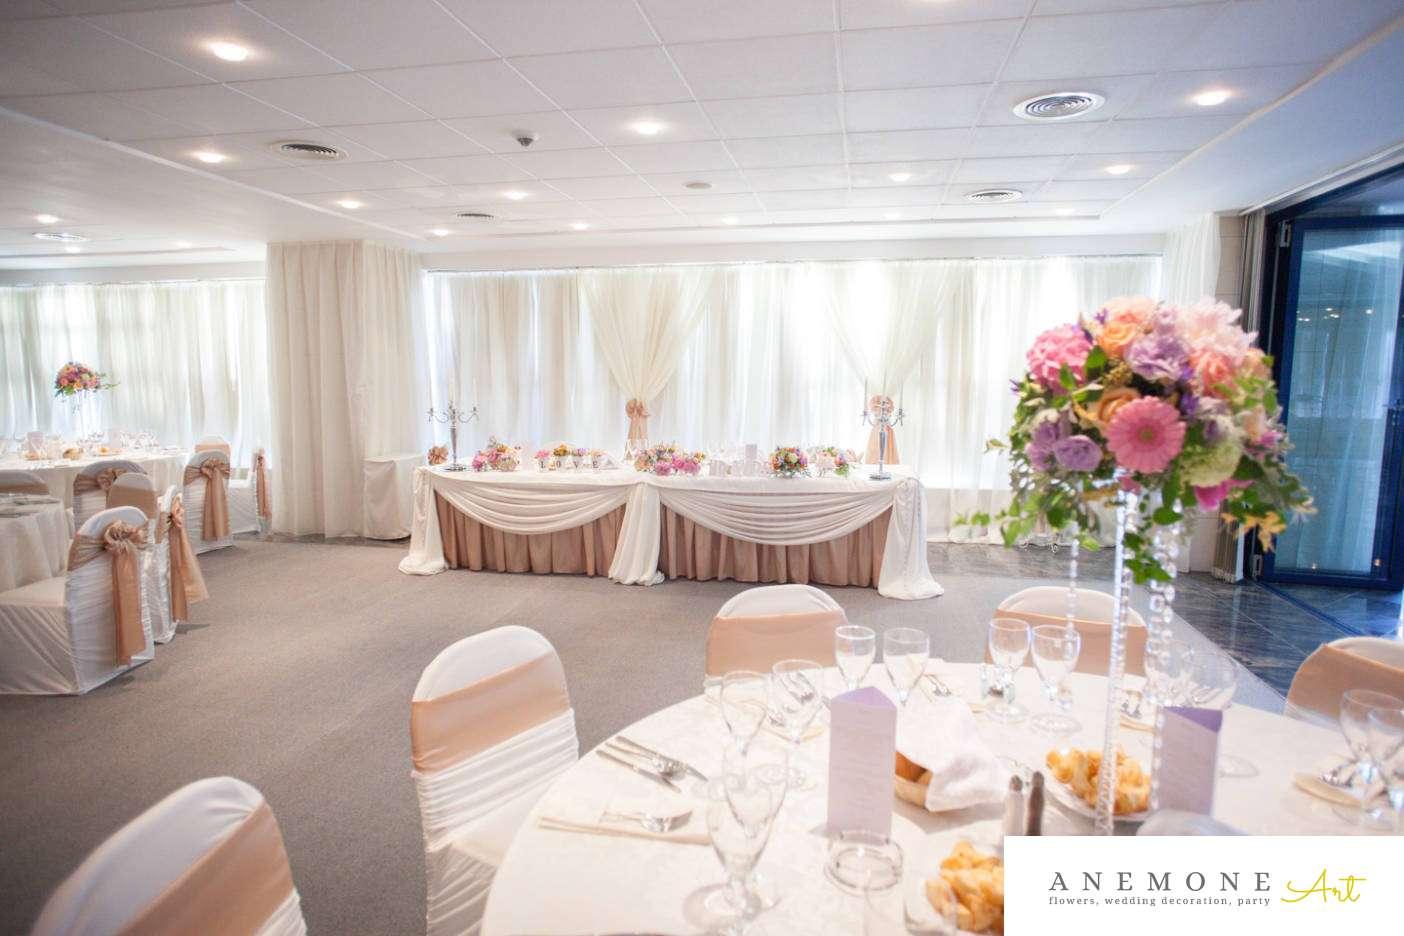 Poza, foto cu Flori de nunta decor masa, decor sala, hotel continental, prezidiu in Arad, Timisoara, Oradea (wedding flowers, bouquets) nunta Arad, Timisoara, Oradea